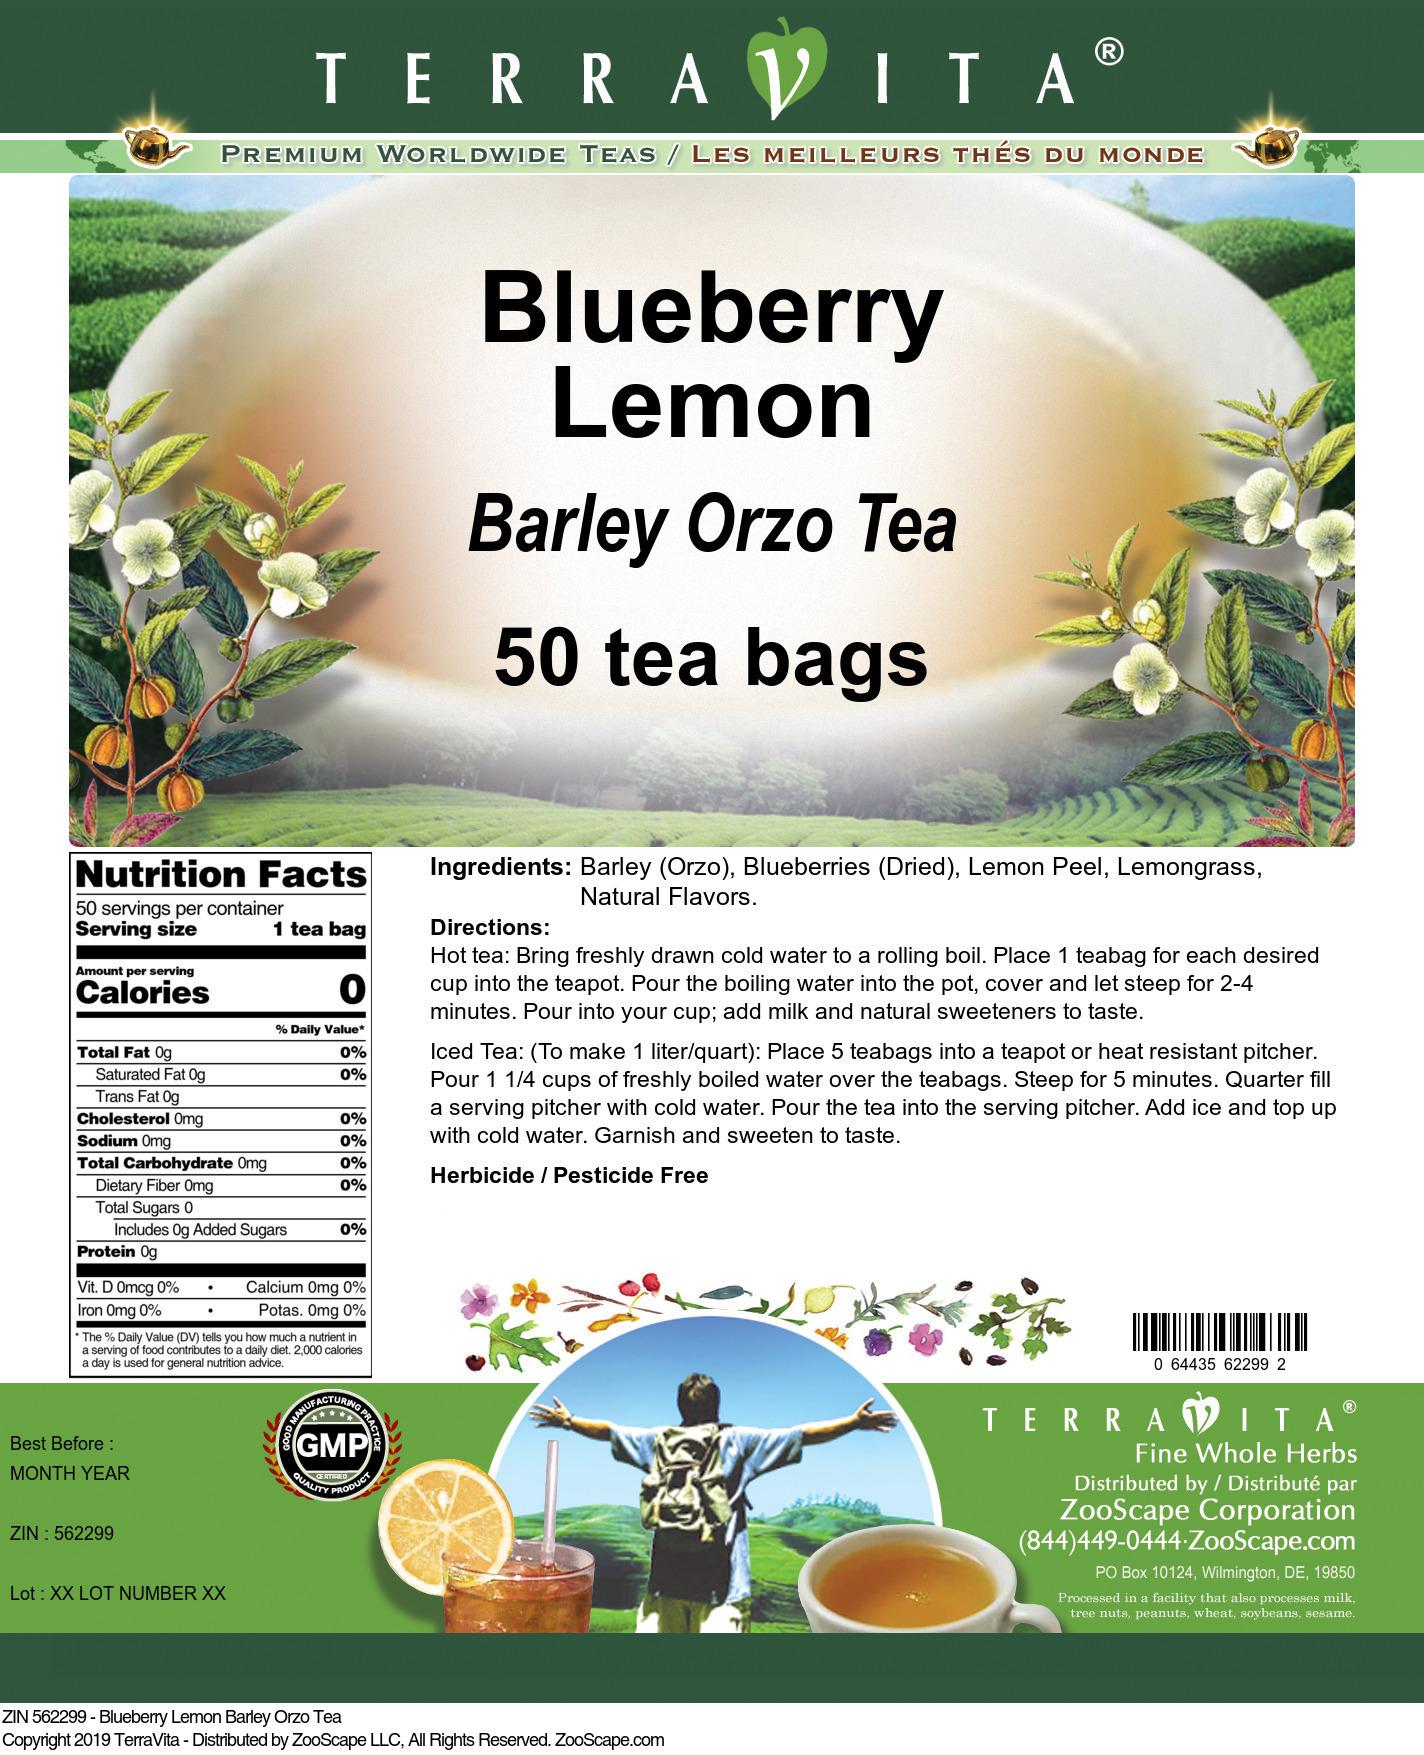 Blueberry Lemon Barley Orzo